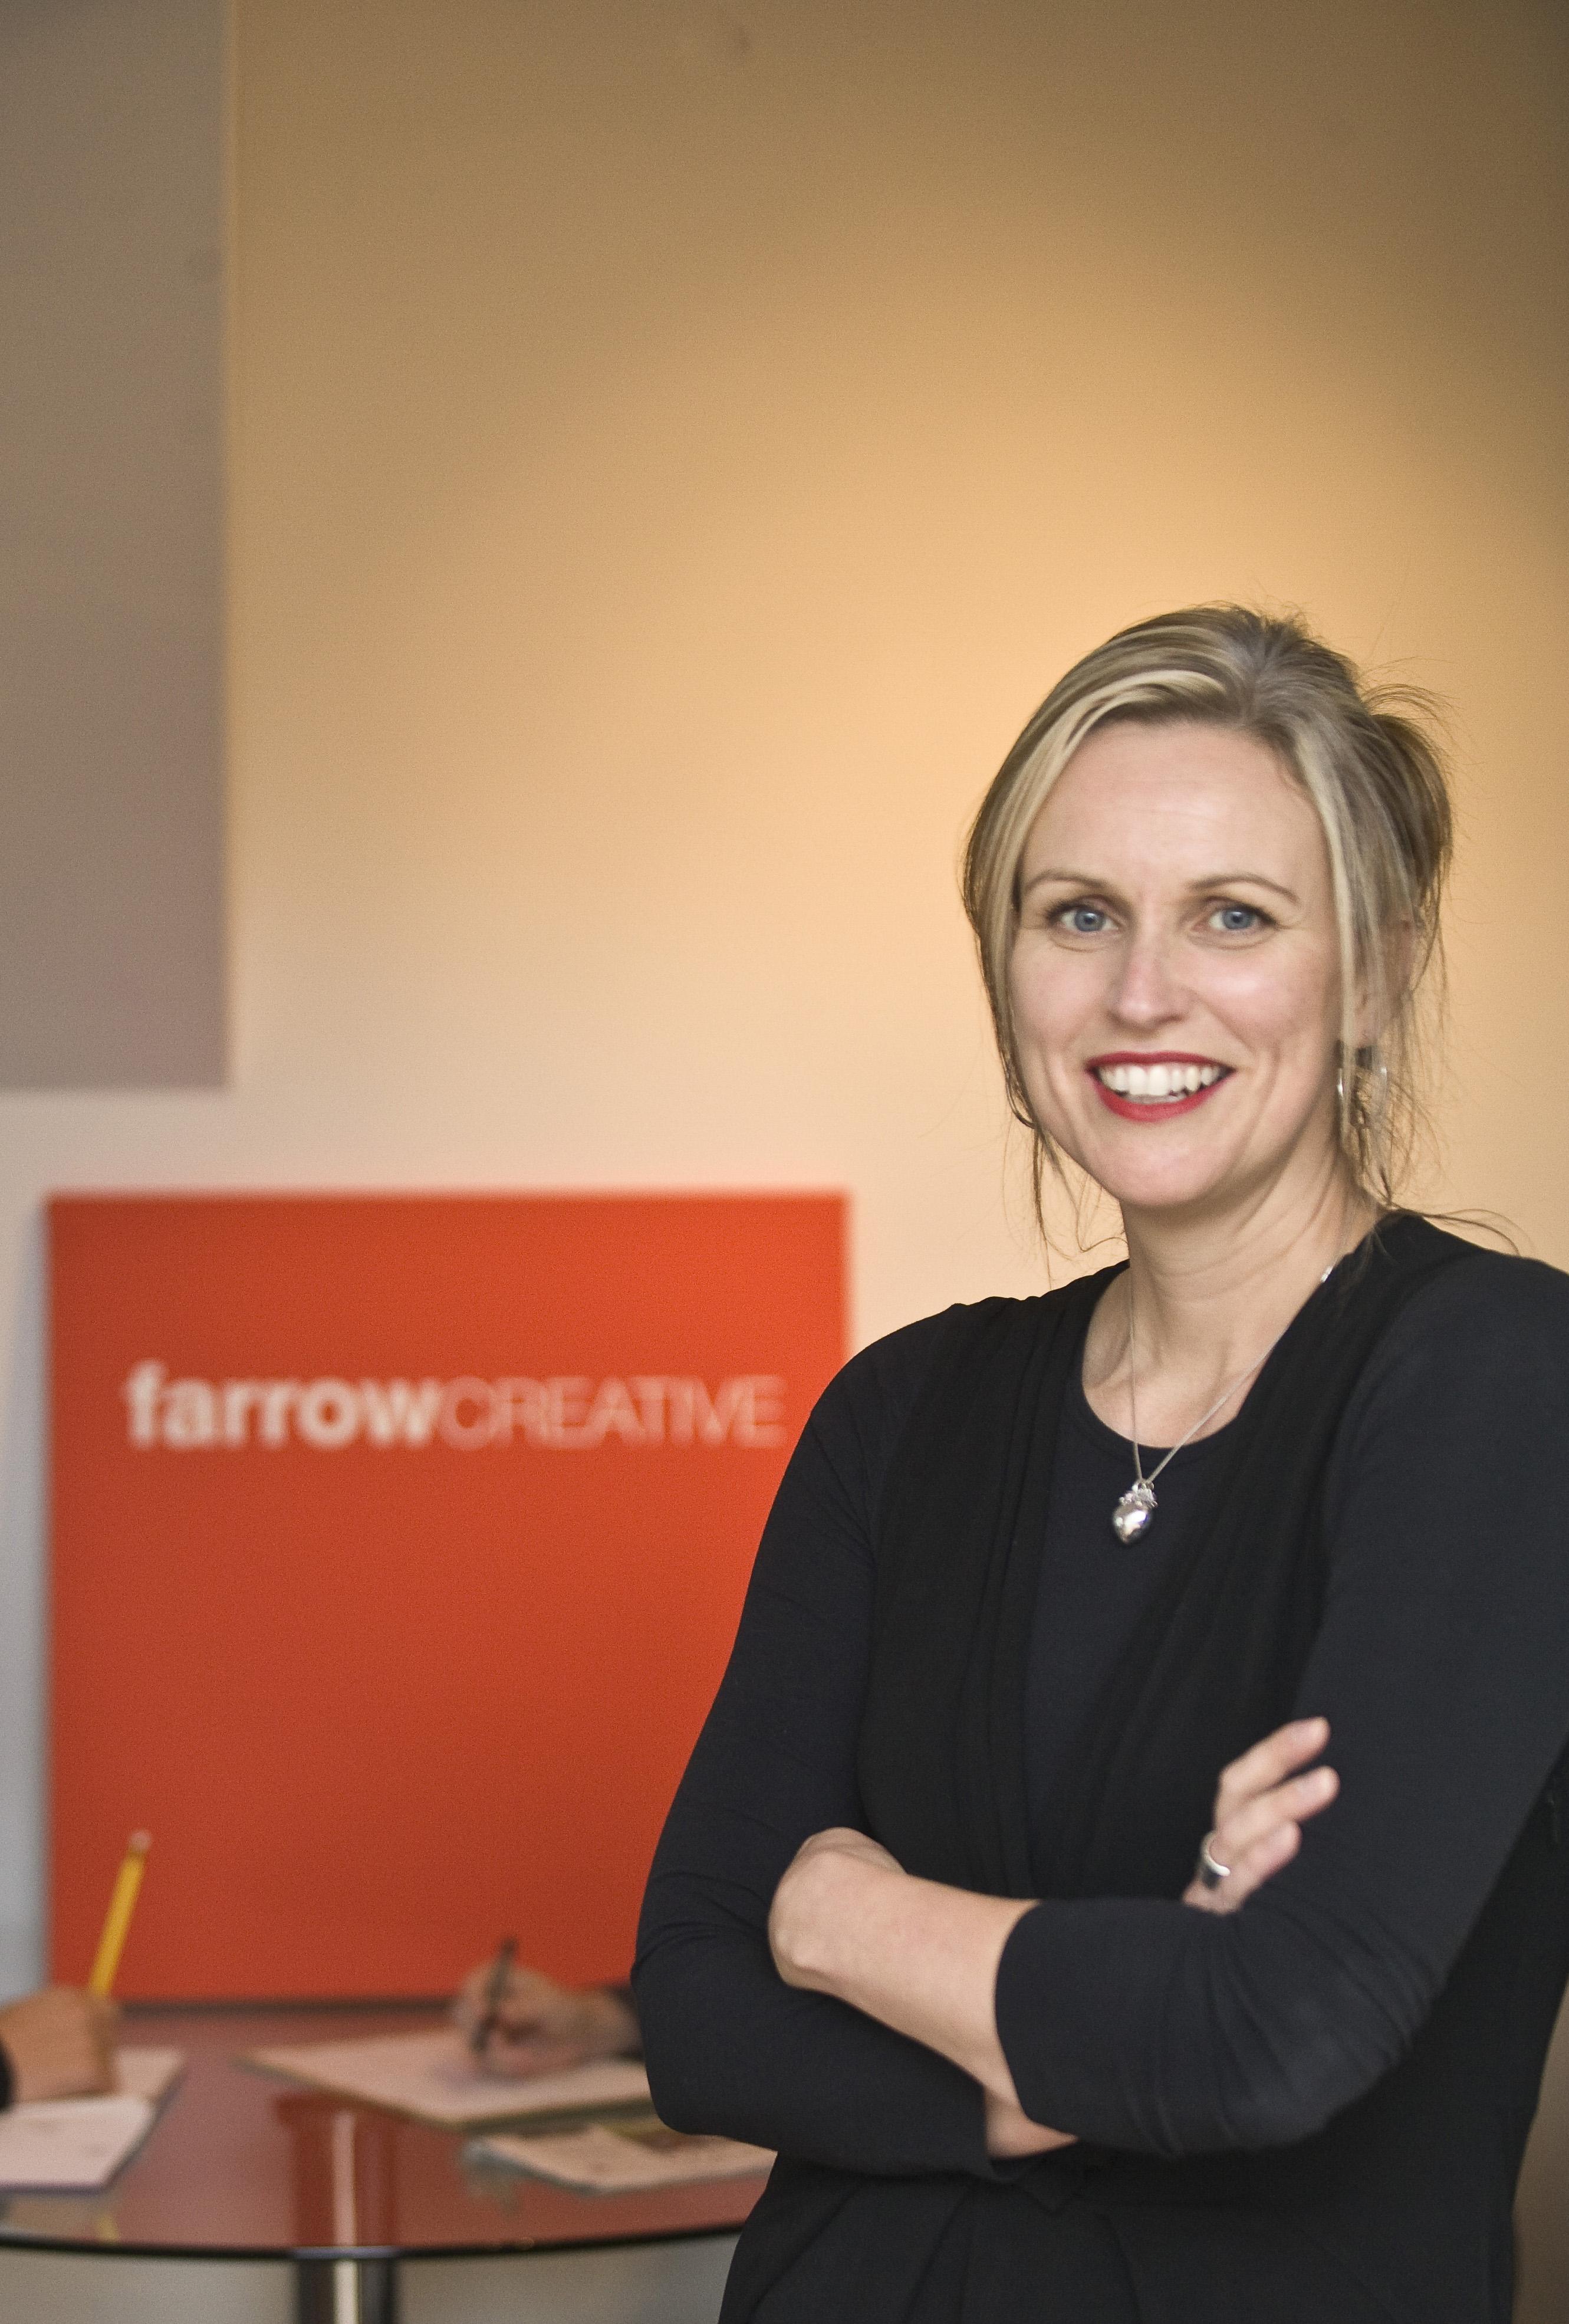 Sam Farrow, director, Farrow Creative